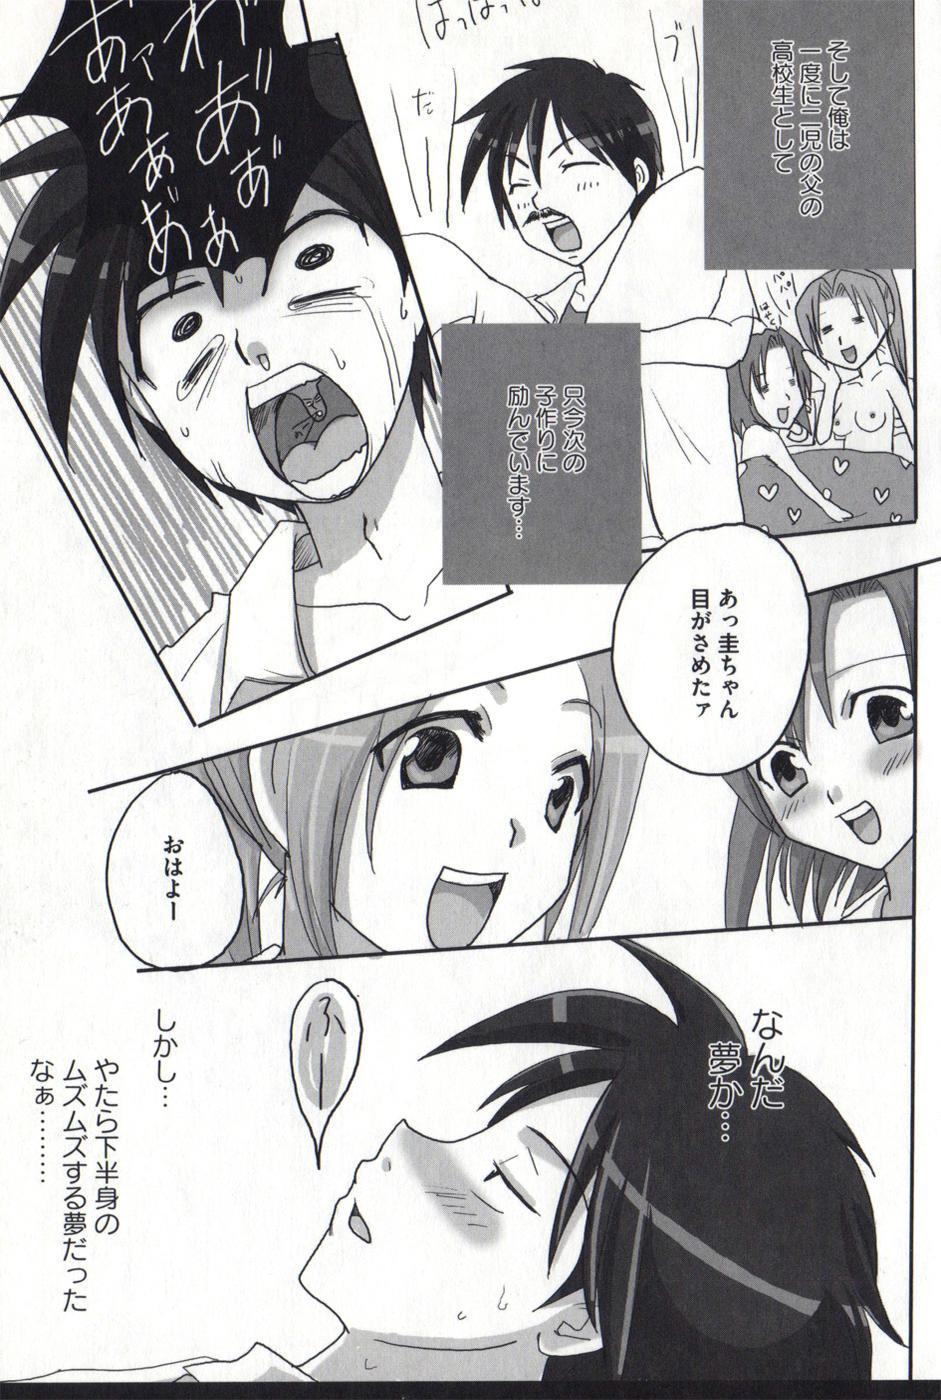 HiguERO no naku koro ni 45